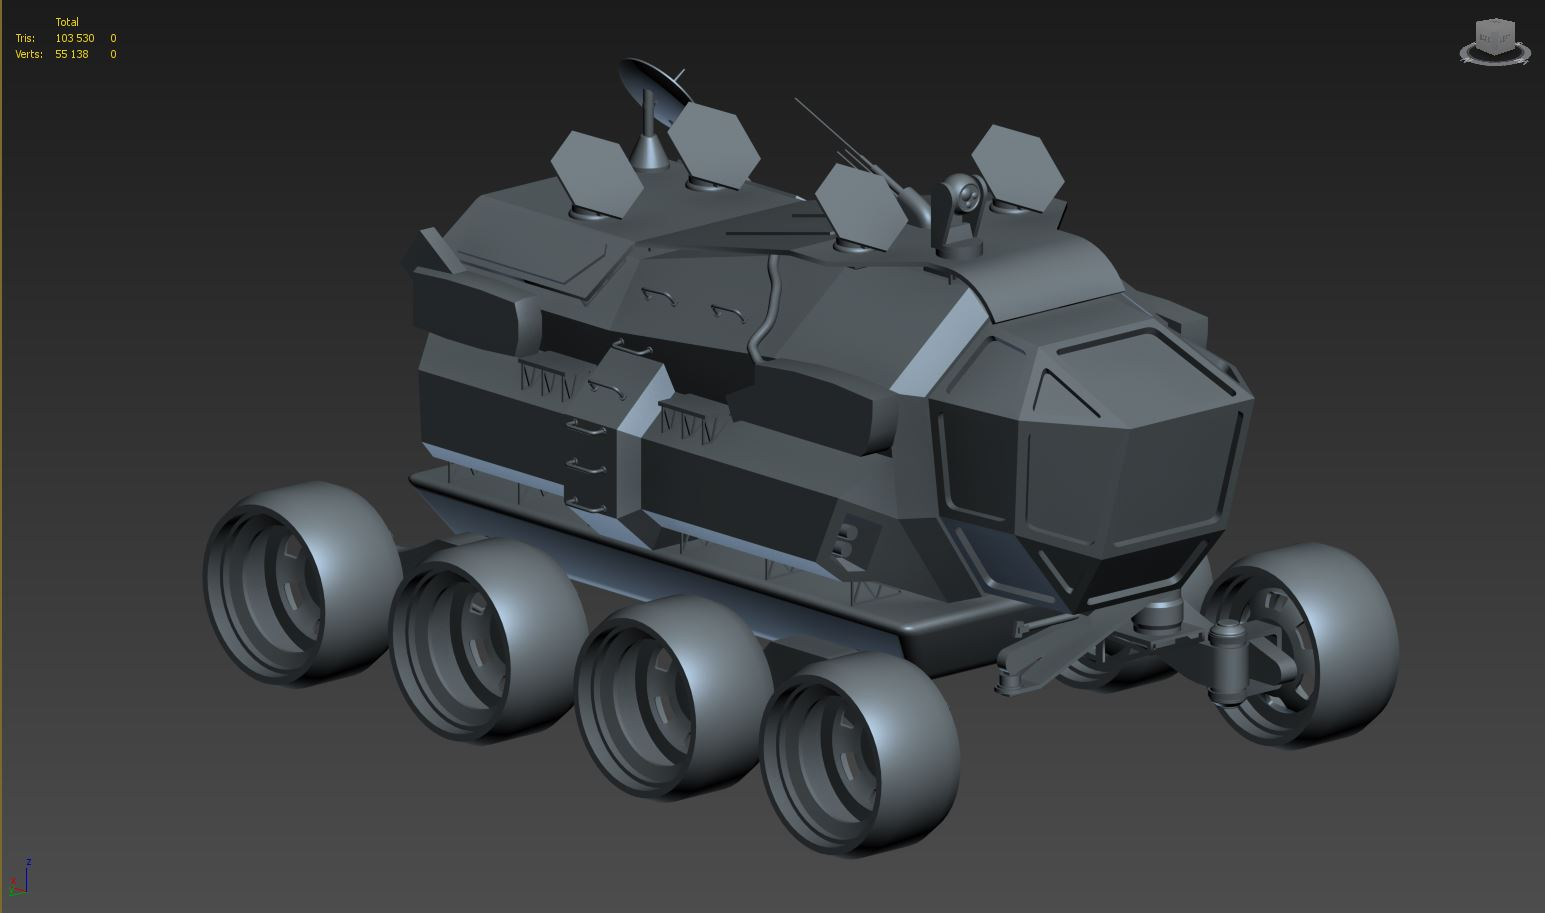 Space Rover Art Challenge (SRACh) 2020